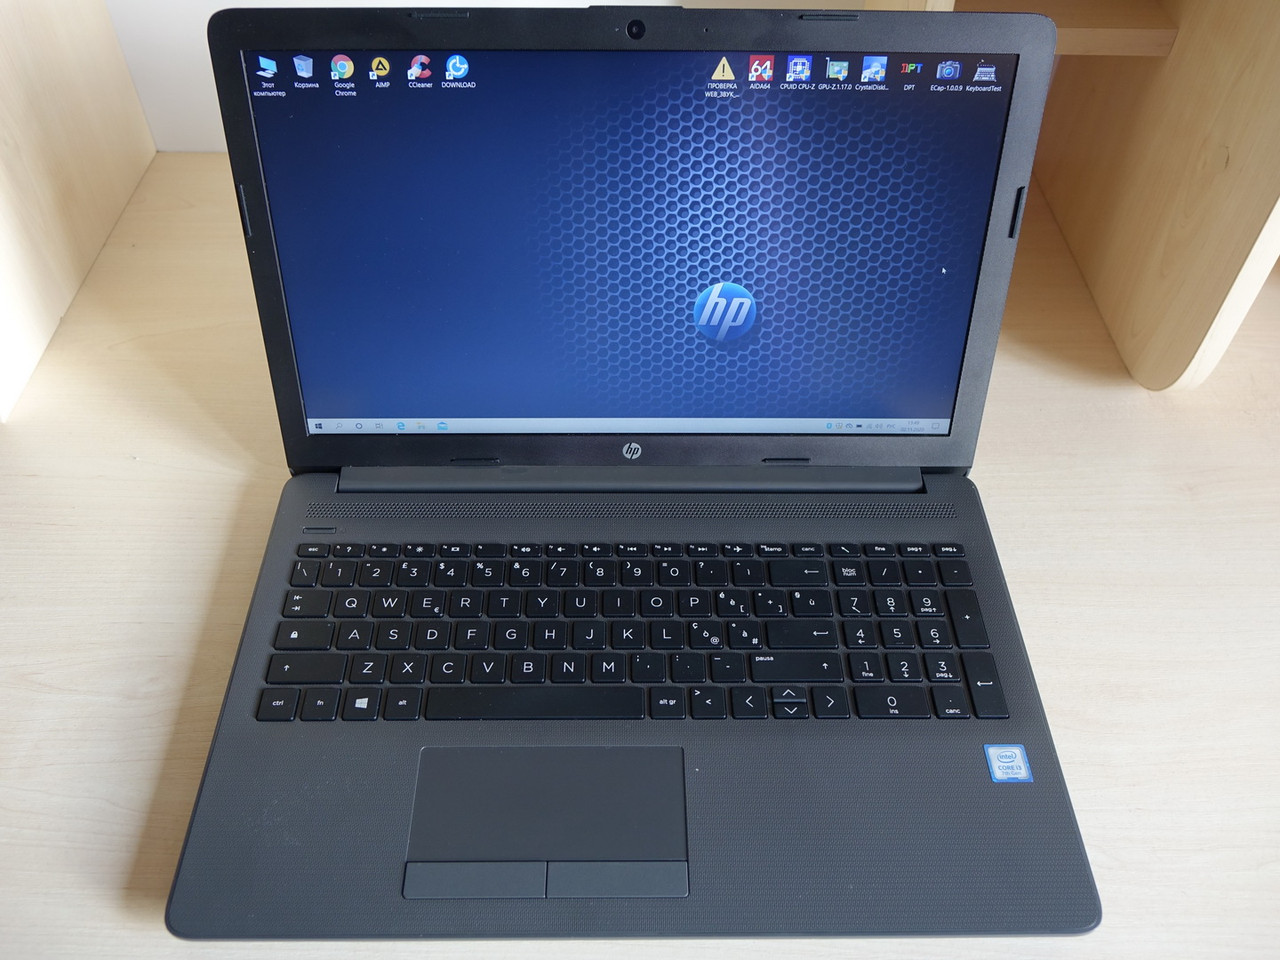 Ноутбук HP 250 G7 15.6 FHD 1920*1080 Intel Cote i3-7020U8GB/SSD 256GB/Intel HD 620 Наработка 17 дней (6BP57EA)